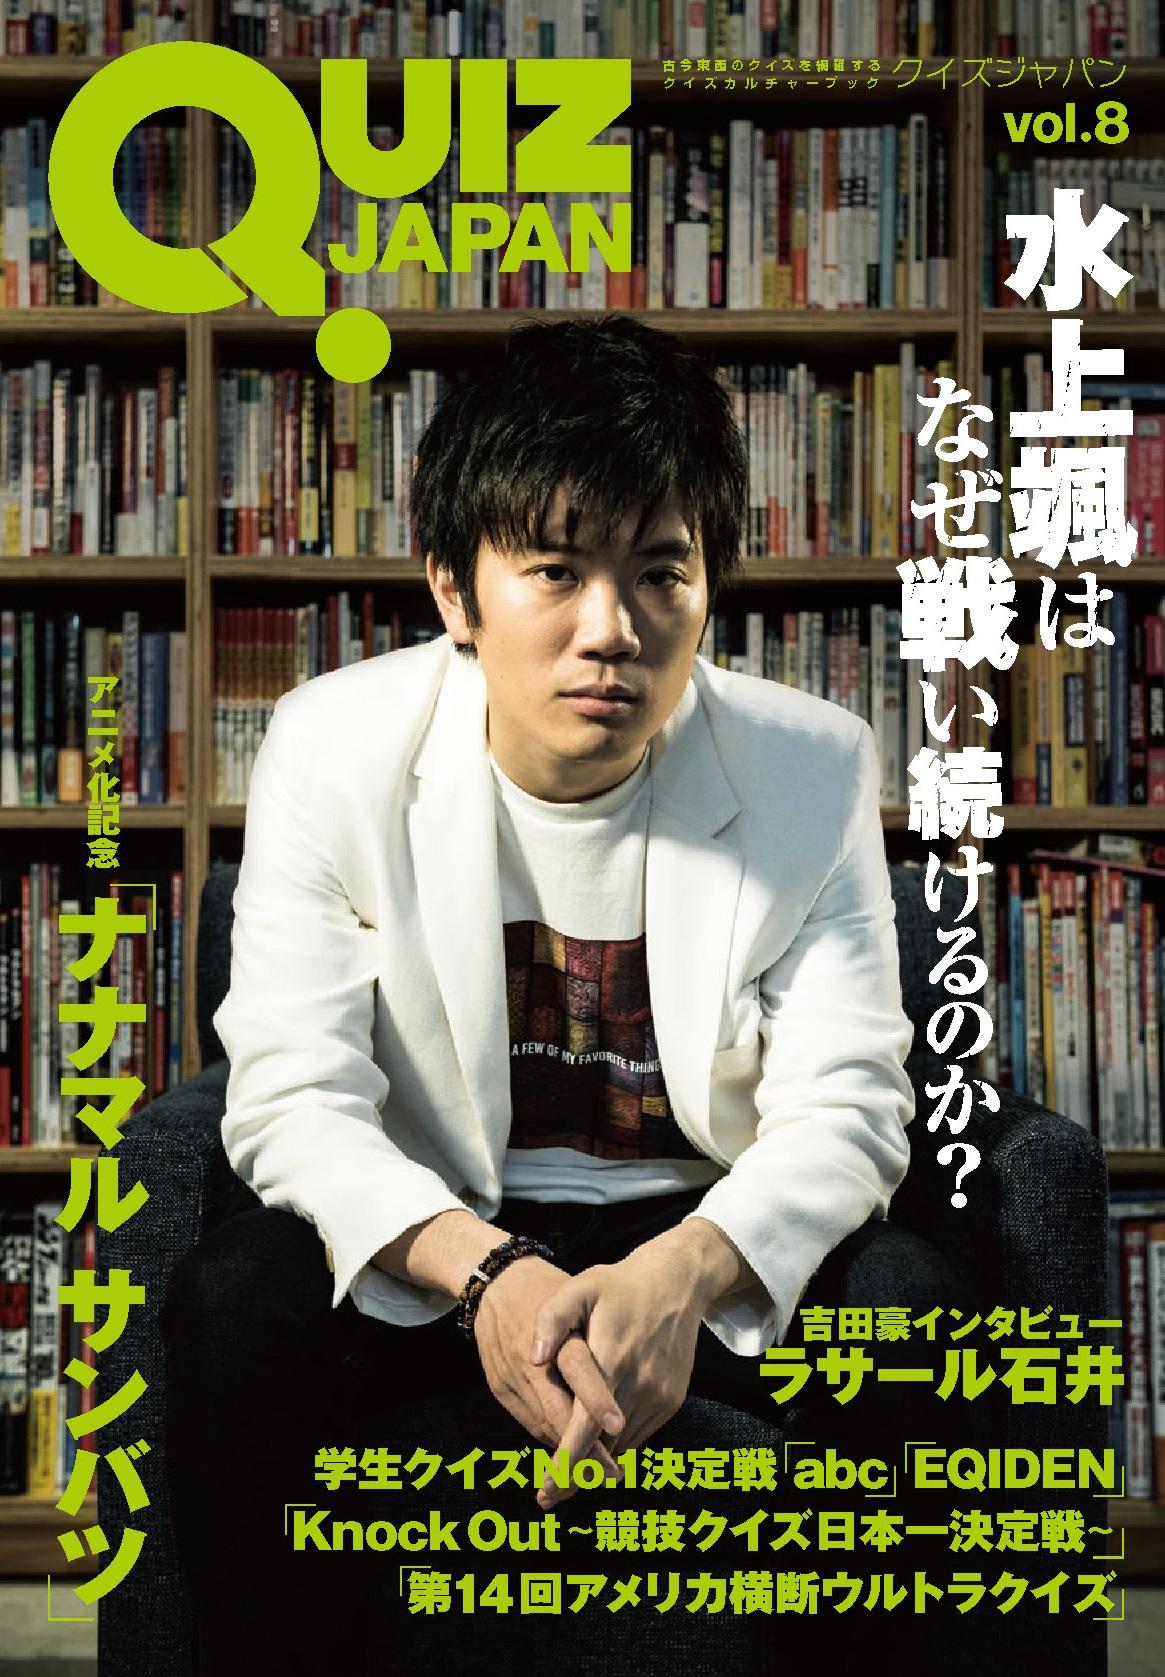 【お知らせ】「QUIZ JAPAN vol.8」重版決定!!